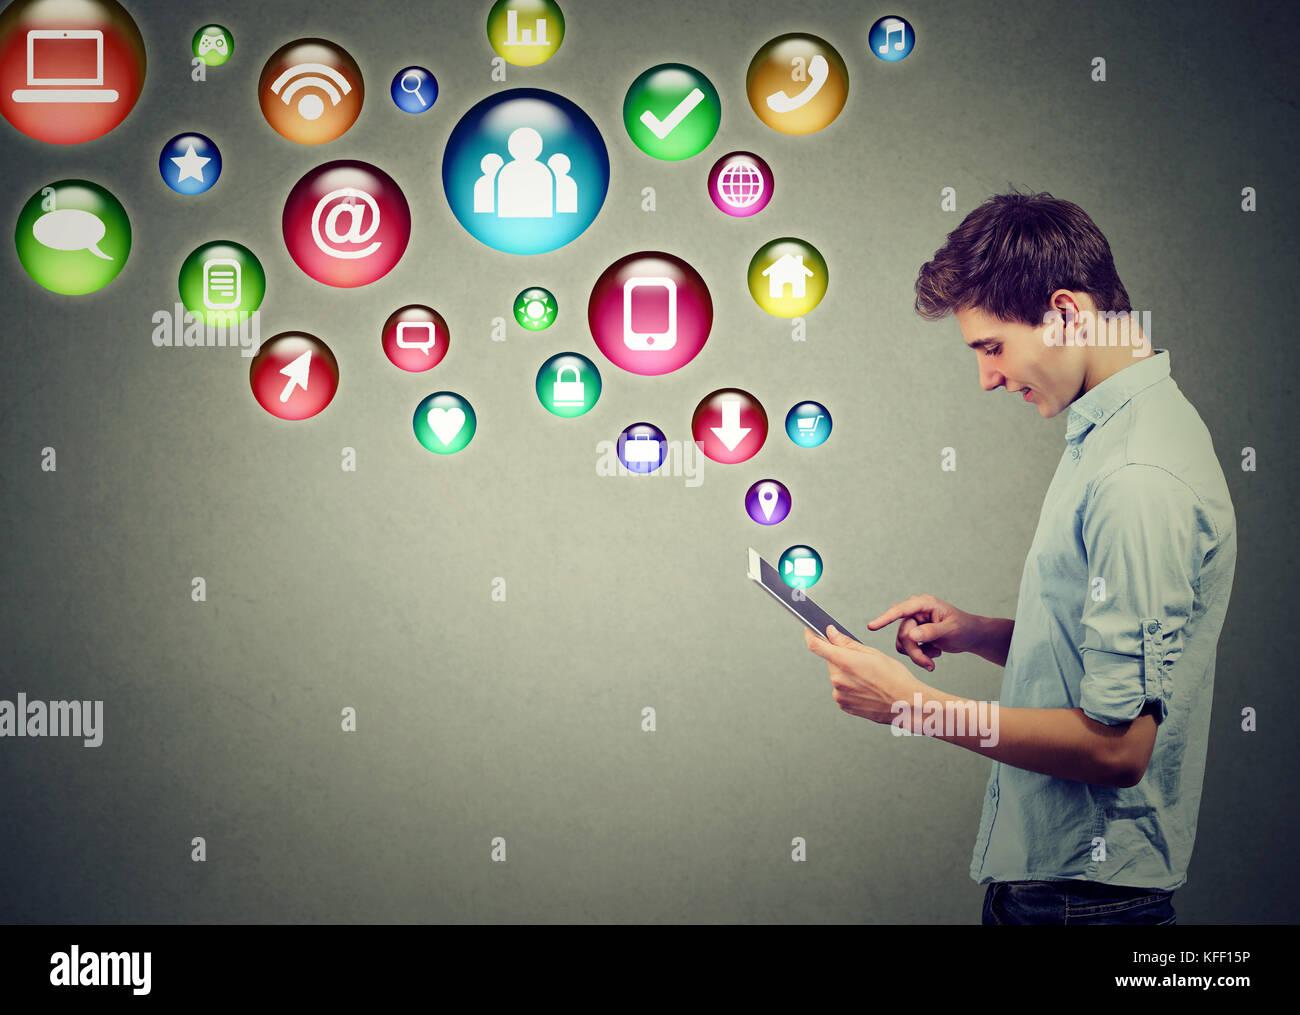 Tecnología móvil concepto de alta tecnología. El perfil lateral de un hombre joven con tablet pc Imagen De Stock